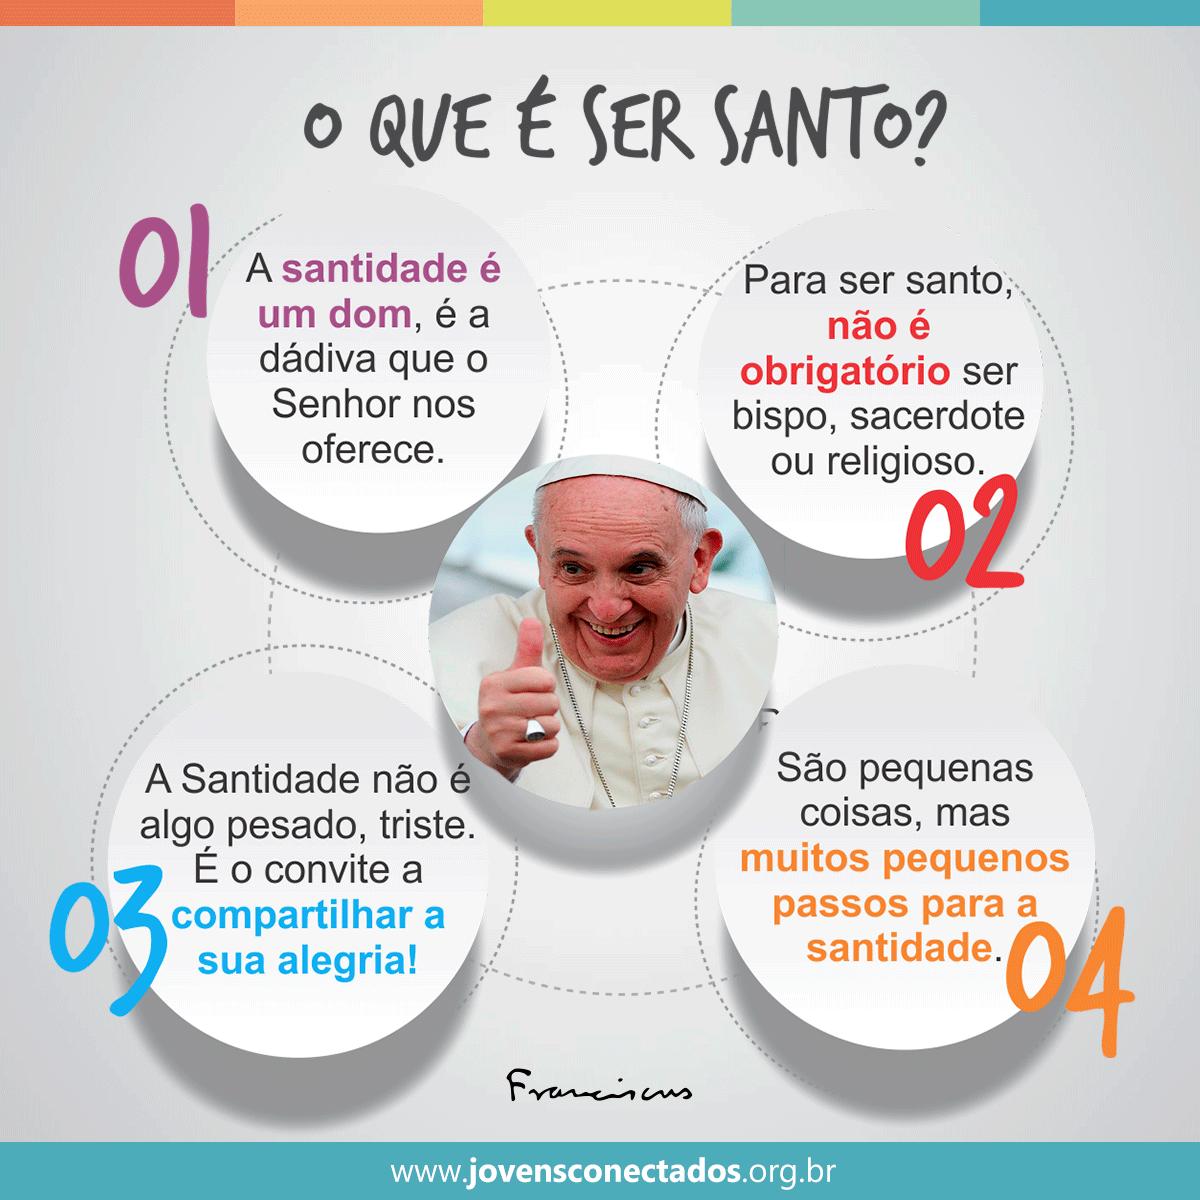 O que significa ser santo? O Papa Francisco explica!